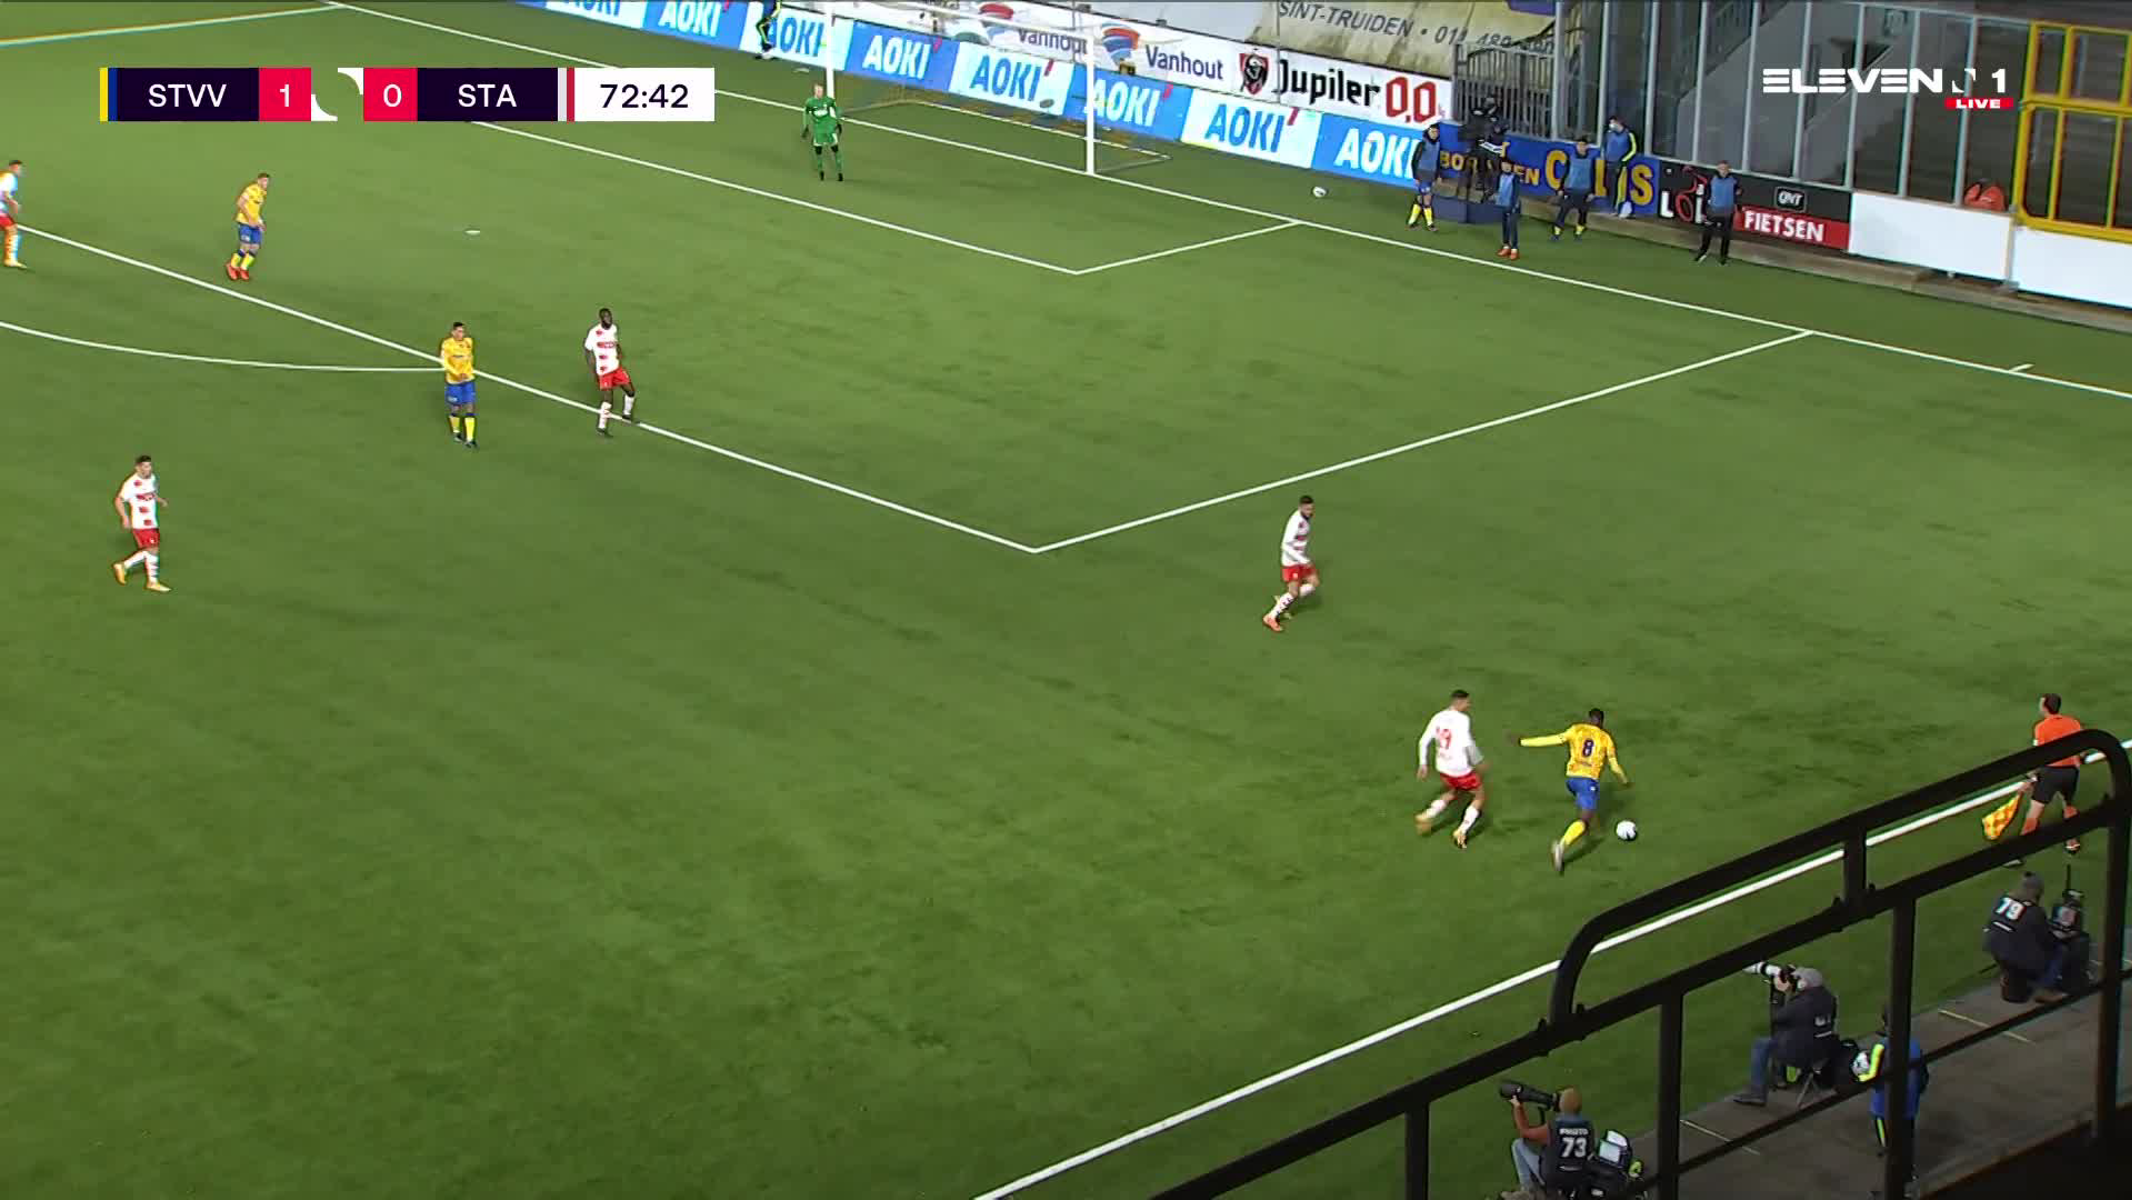 Doelpunt Steve De Ridder (STVV vs. Standard de Liège)